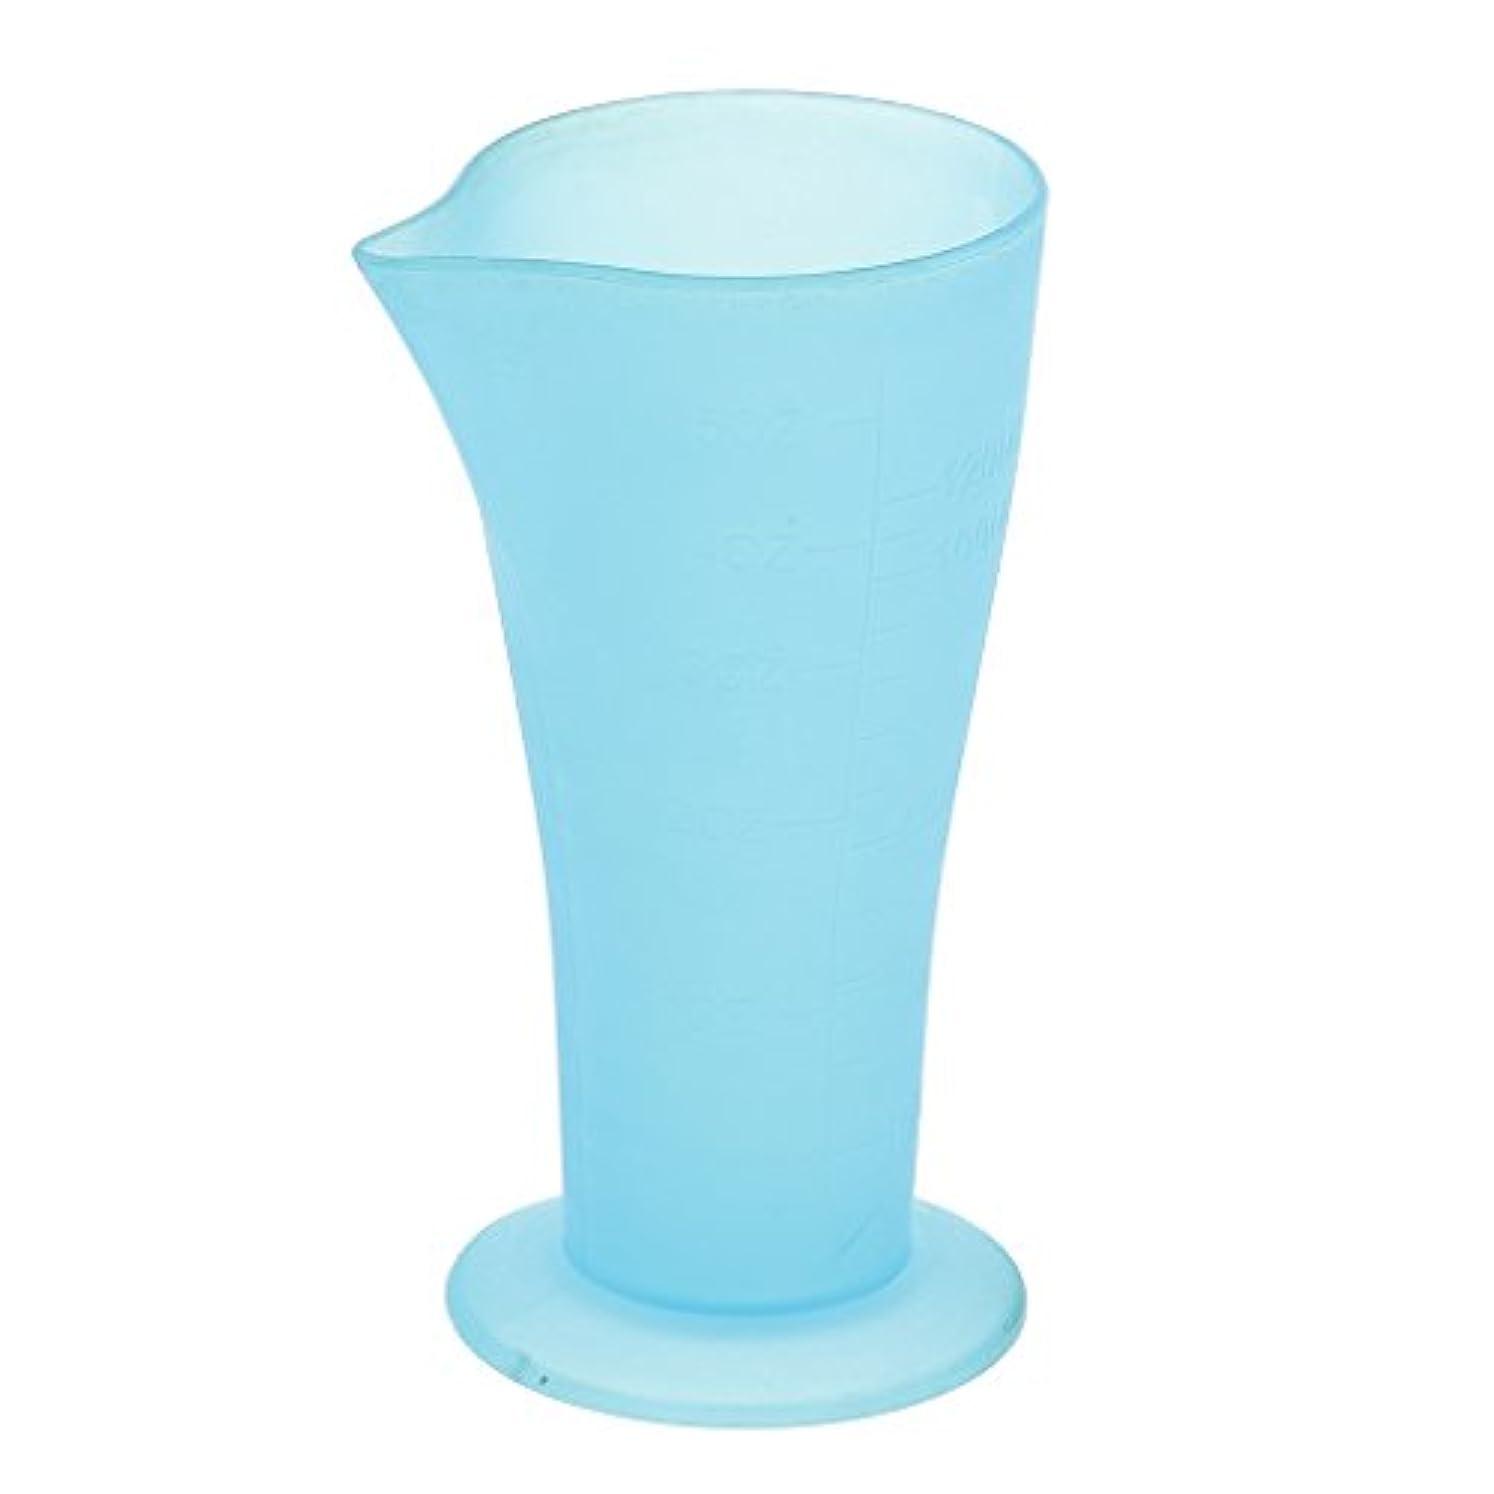 支援高度なアグネスグレイCUTICATE 計量カップ ヘアダイカップ ヘアカラーカップ 再使用可 120mL ヘアサロン